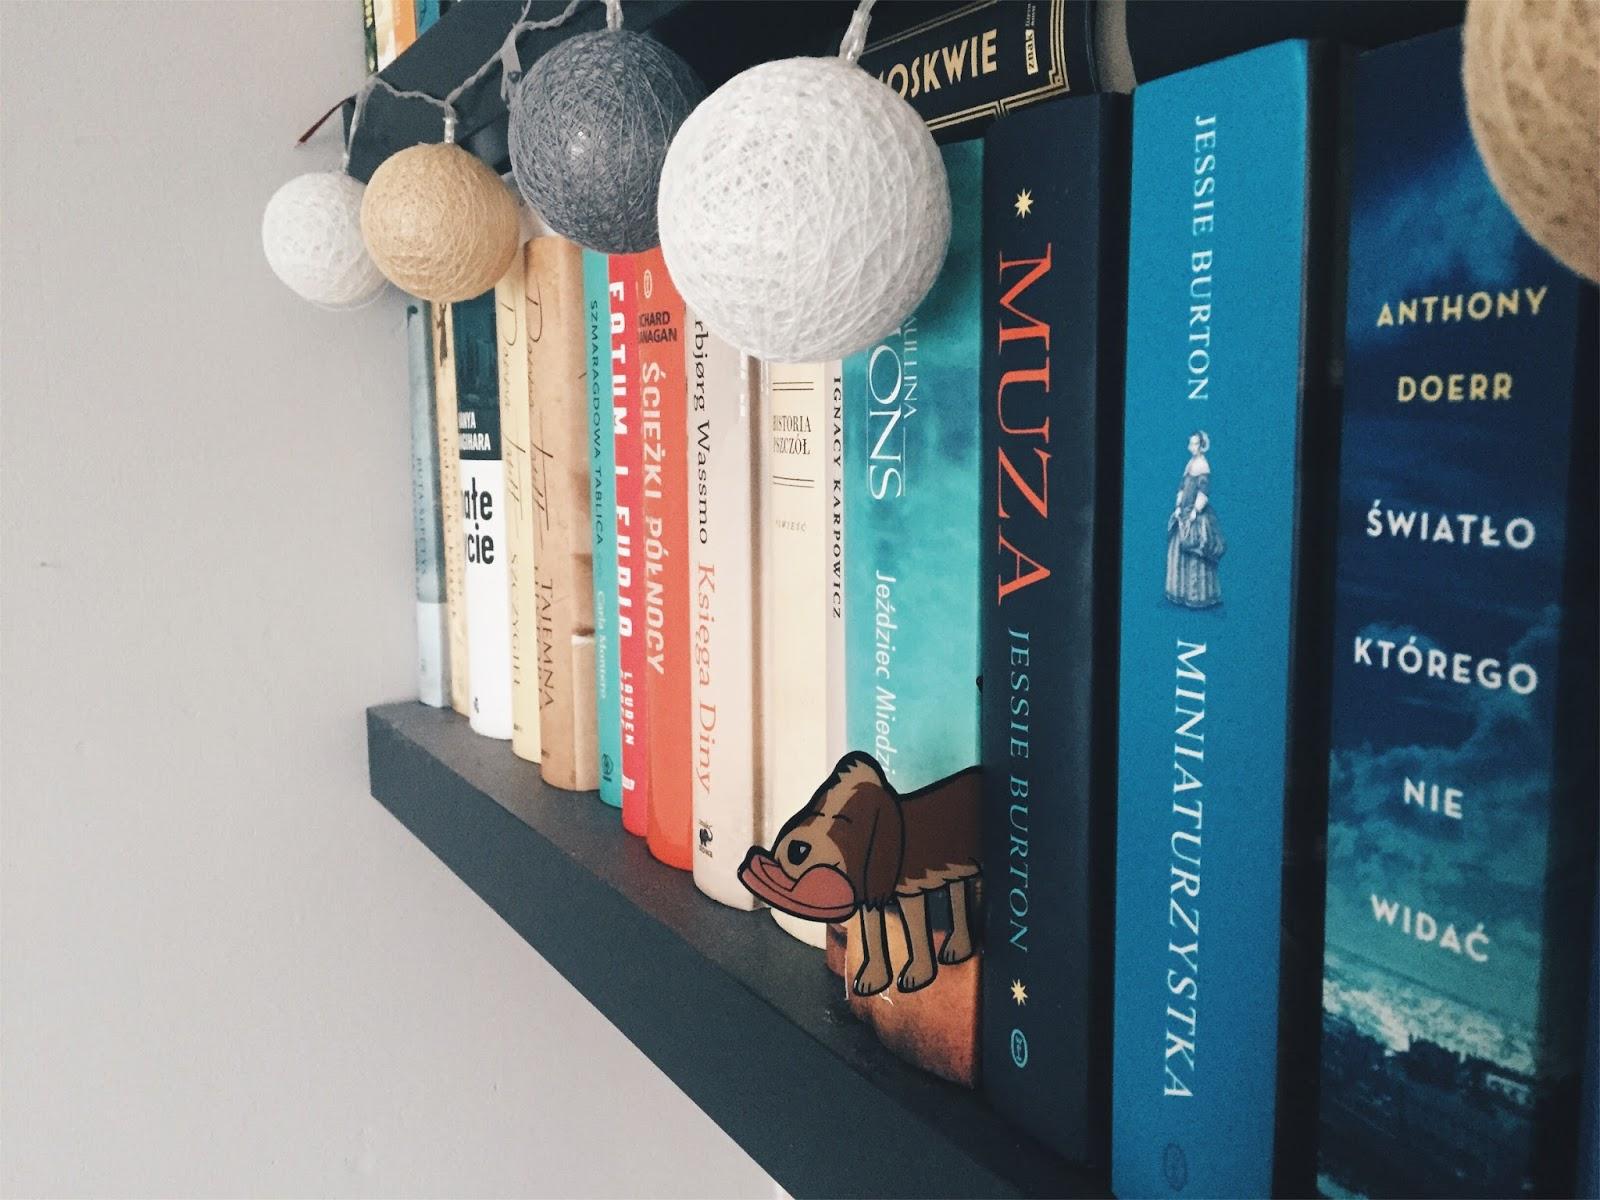 Co będę czytać w styczniu?: TBR + zapowiedzi